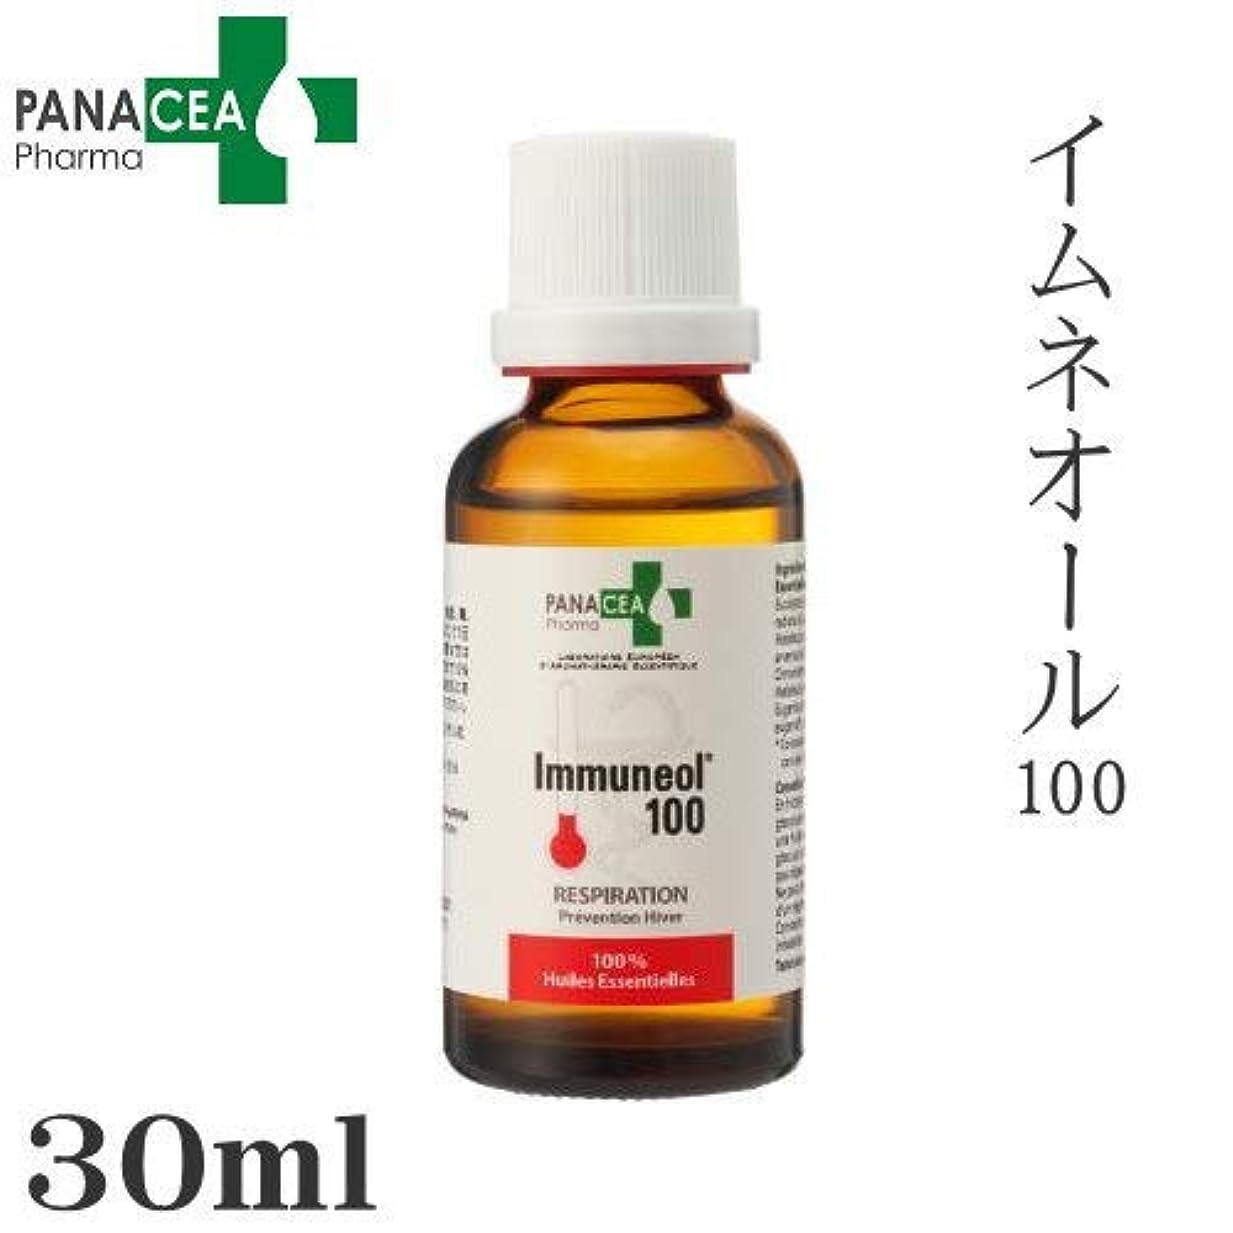 降伏利得同化PANACEA PHARMA パナセア ファルマイムネオール100 正規品